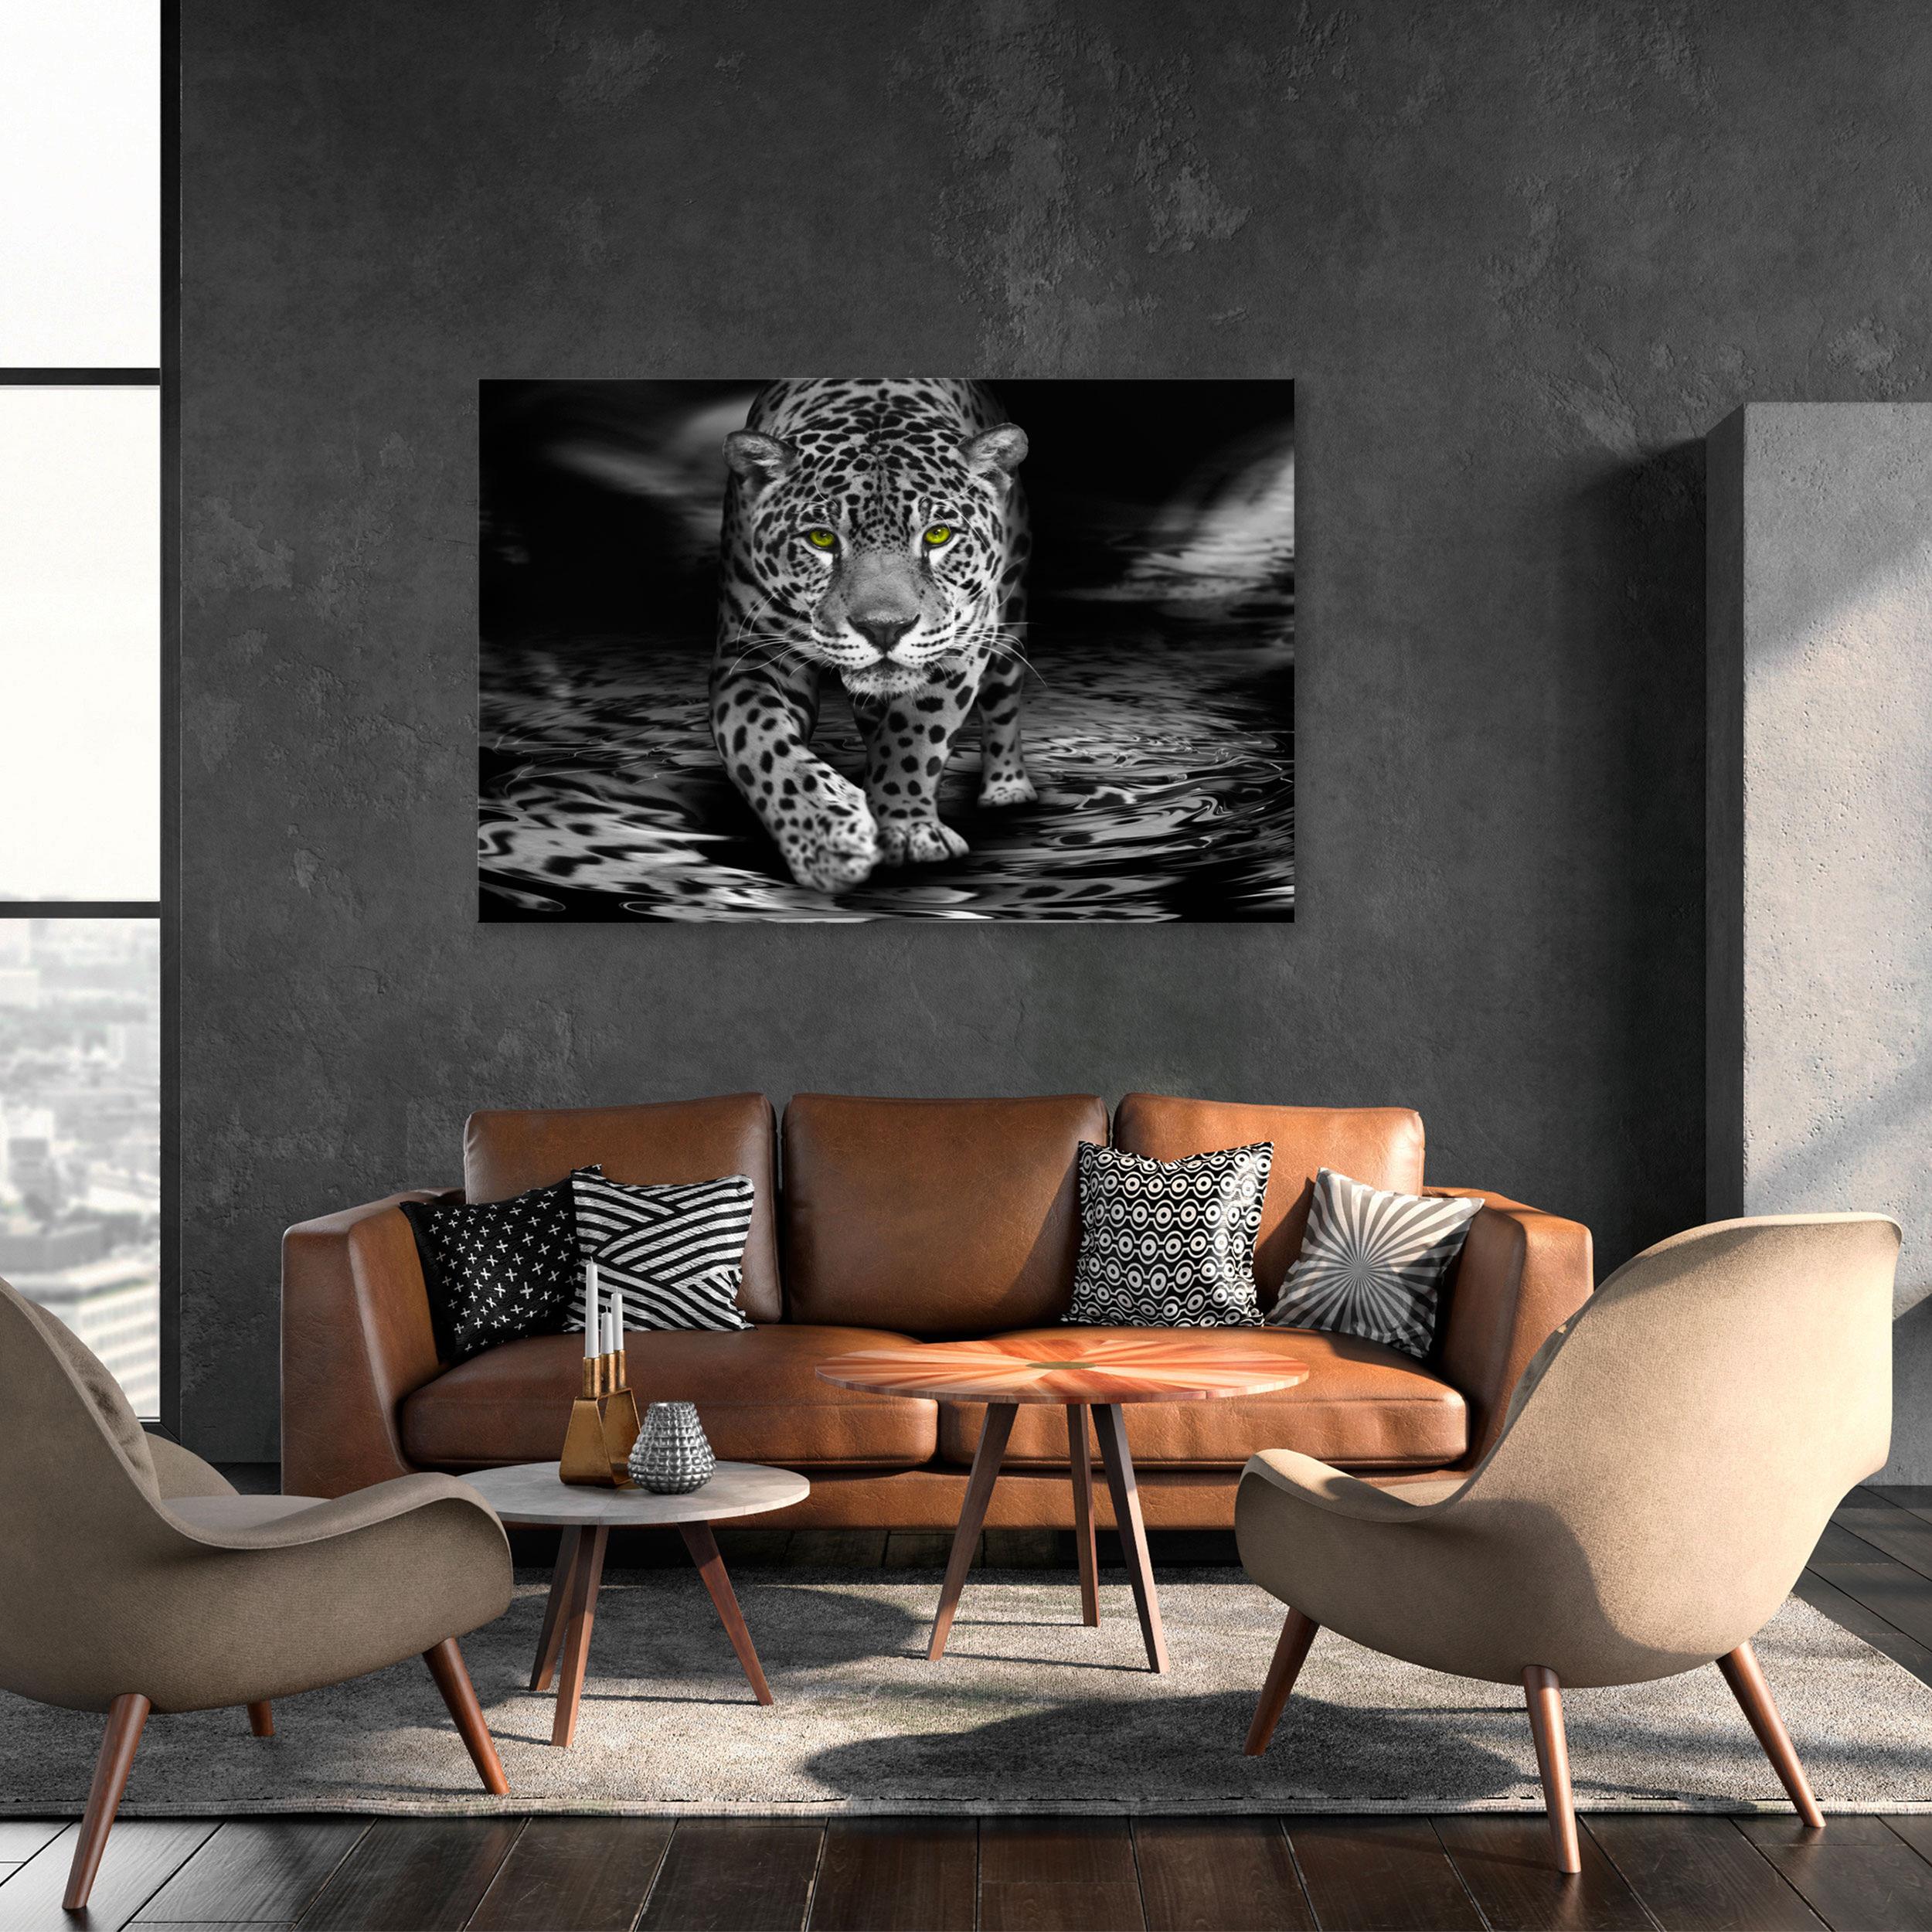 Gepard Vlies Leinwand DEKO BILDER Wandbilder XXL Wohnzimmer Druck Wildkatze Groß